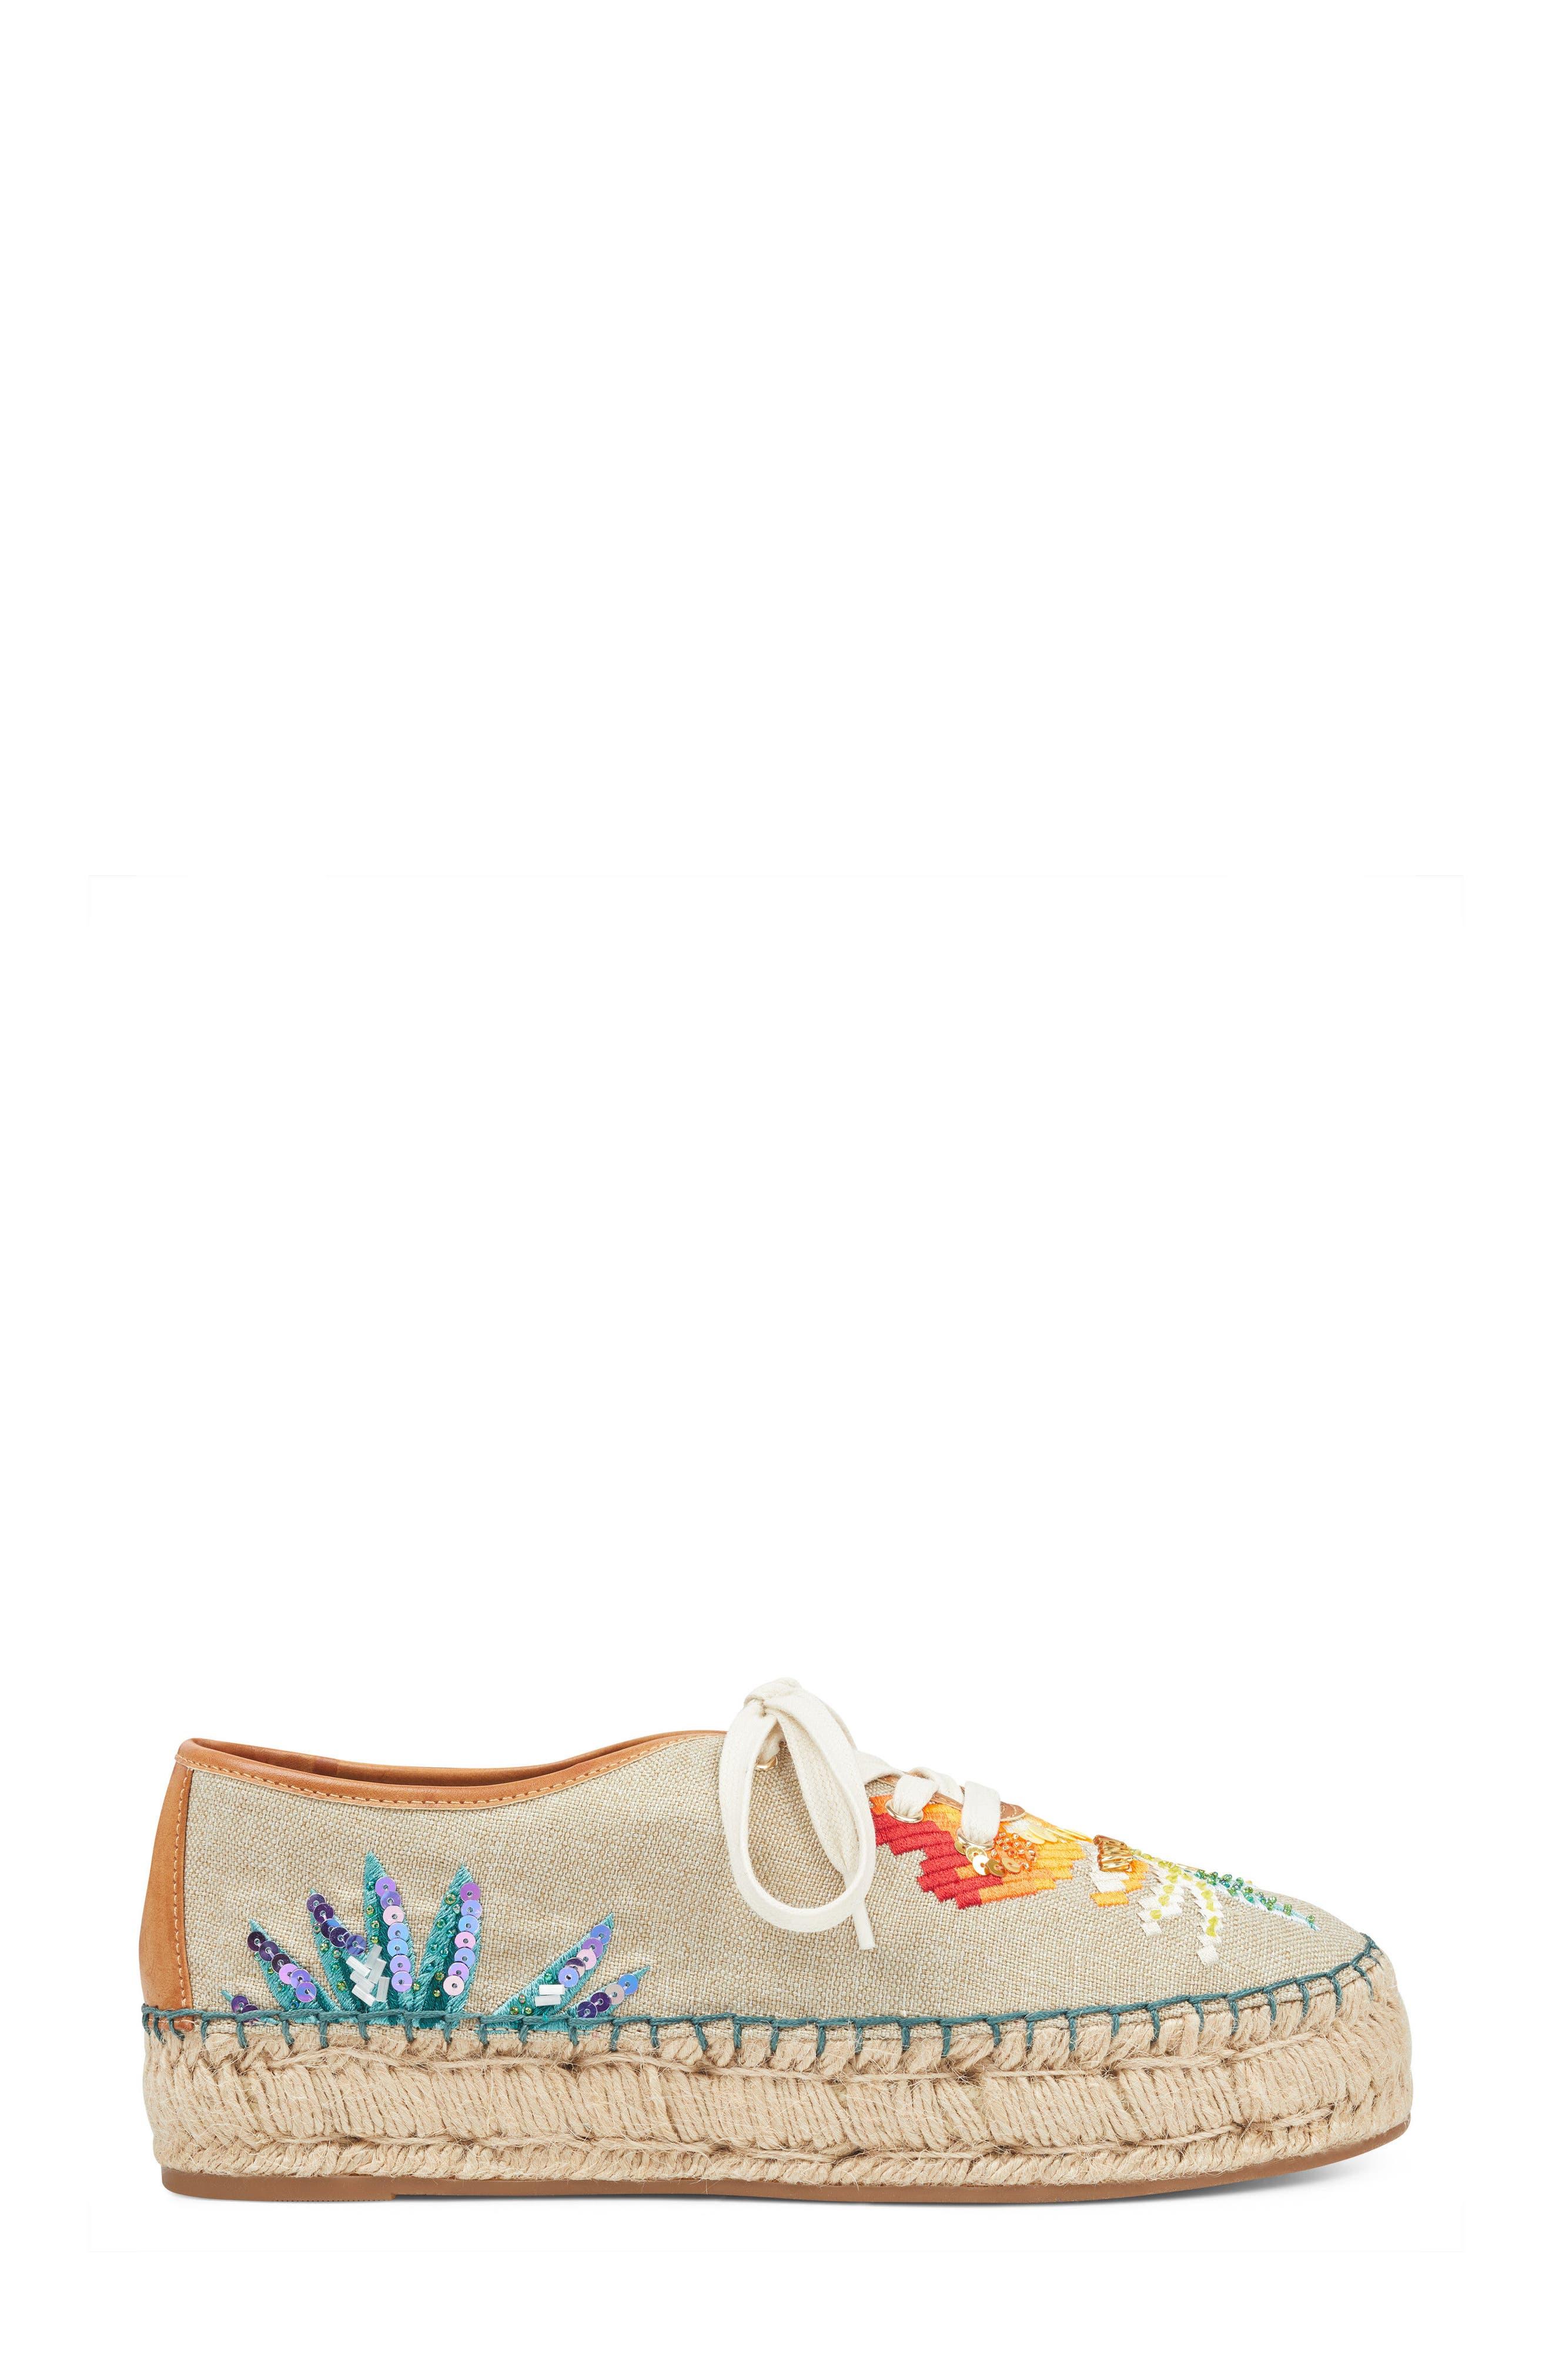 Guinup Embellished Espadrille Sneaker,                             Alternate thumbnail 3, color,                             250